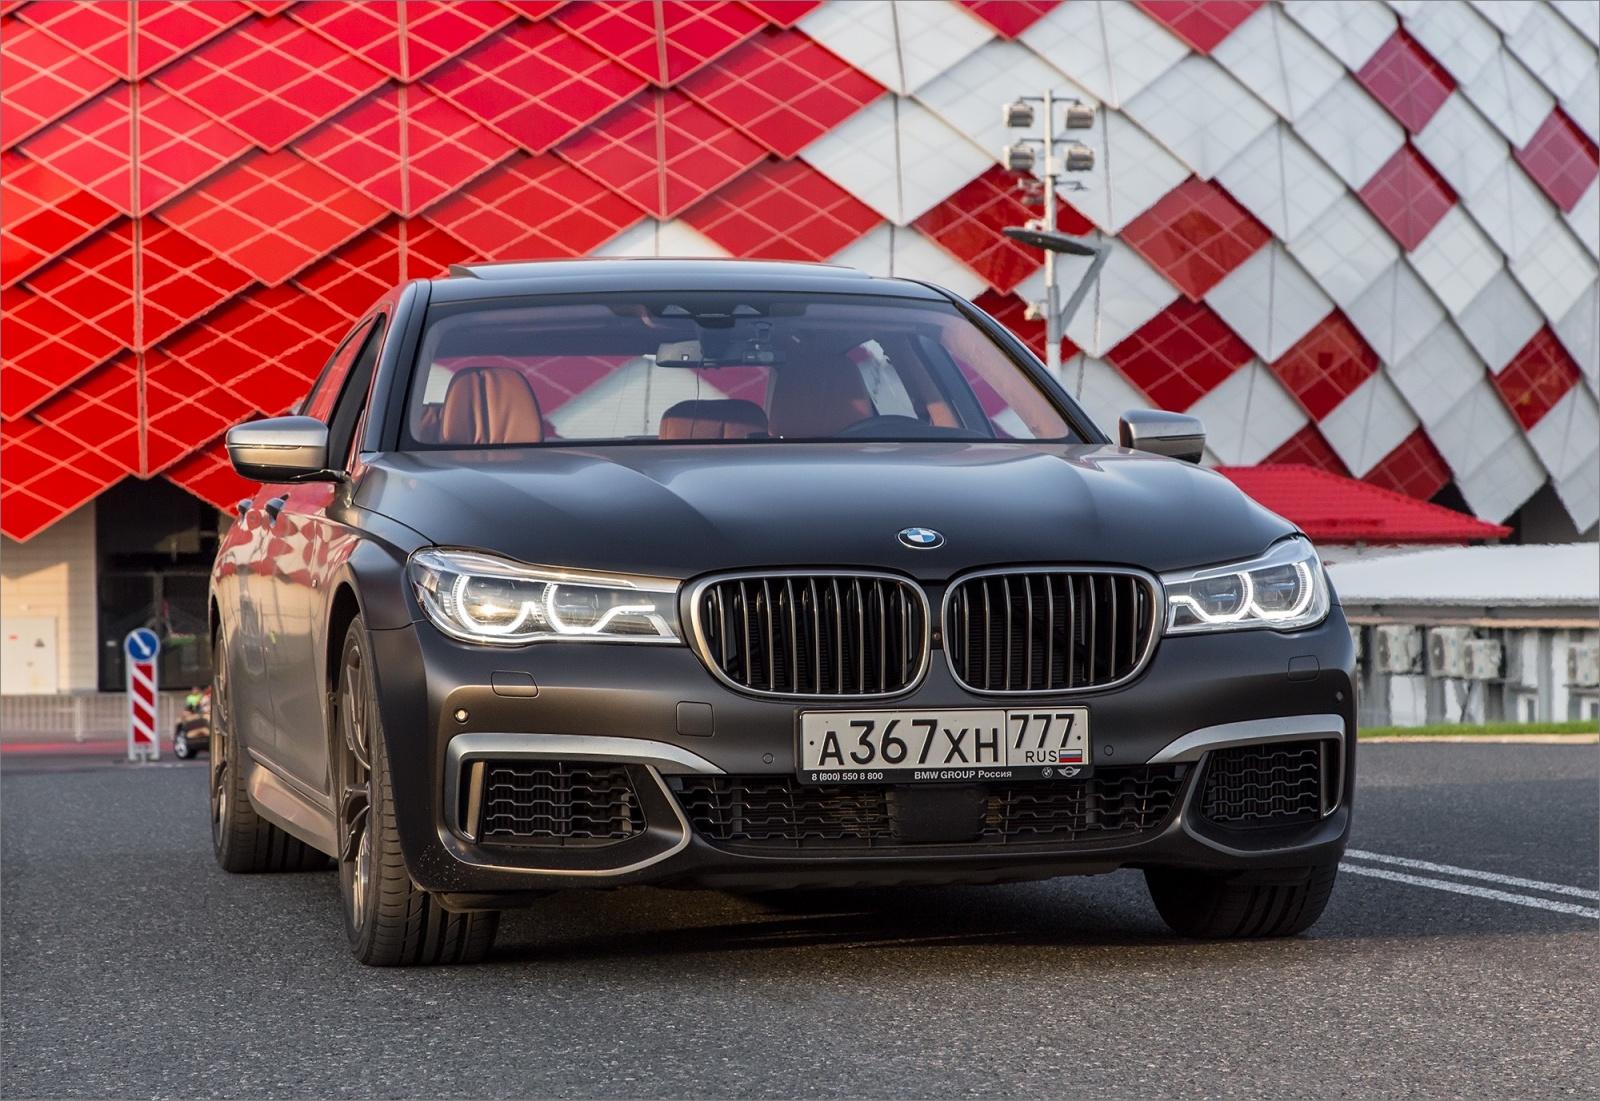 Интересные фишки BMW 7 серии - 53